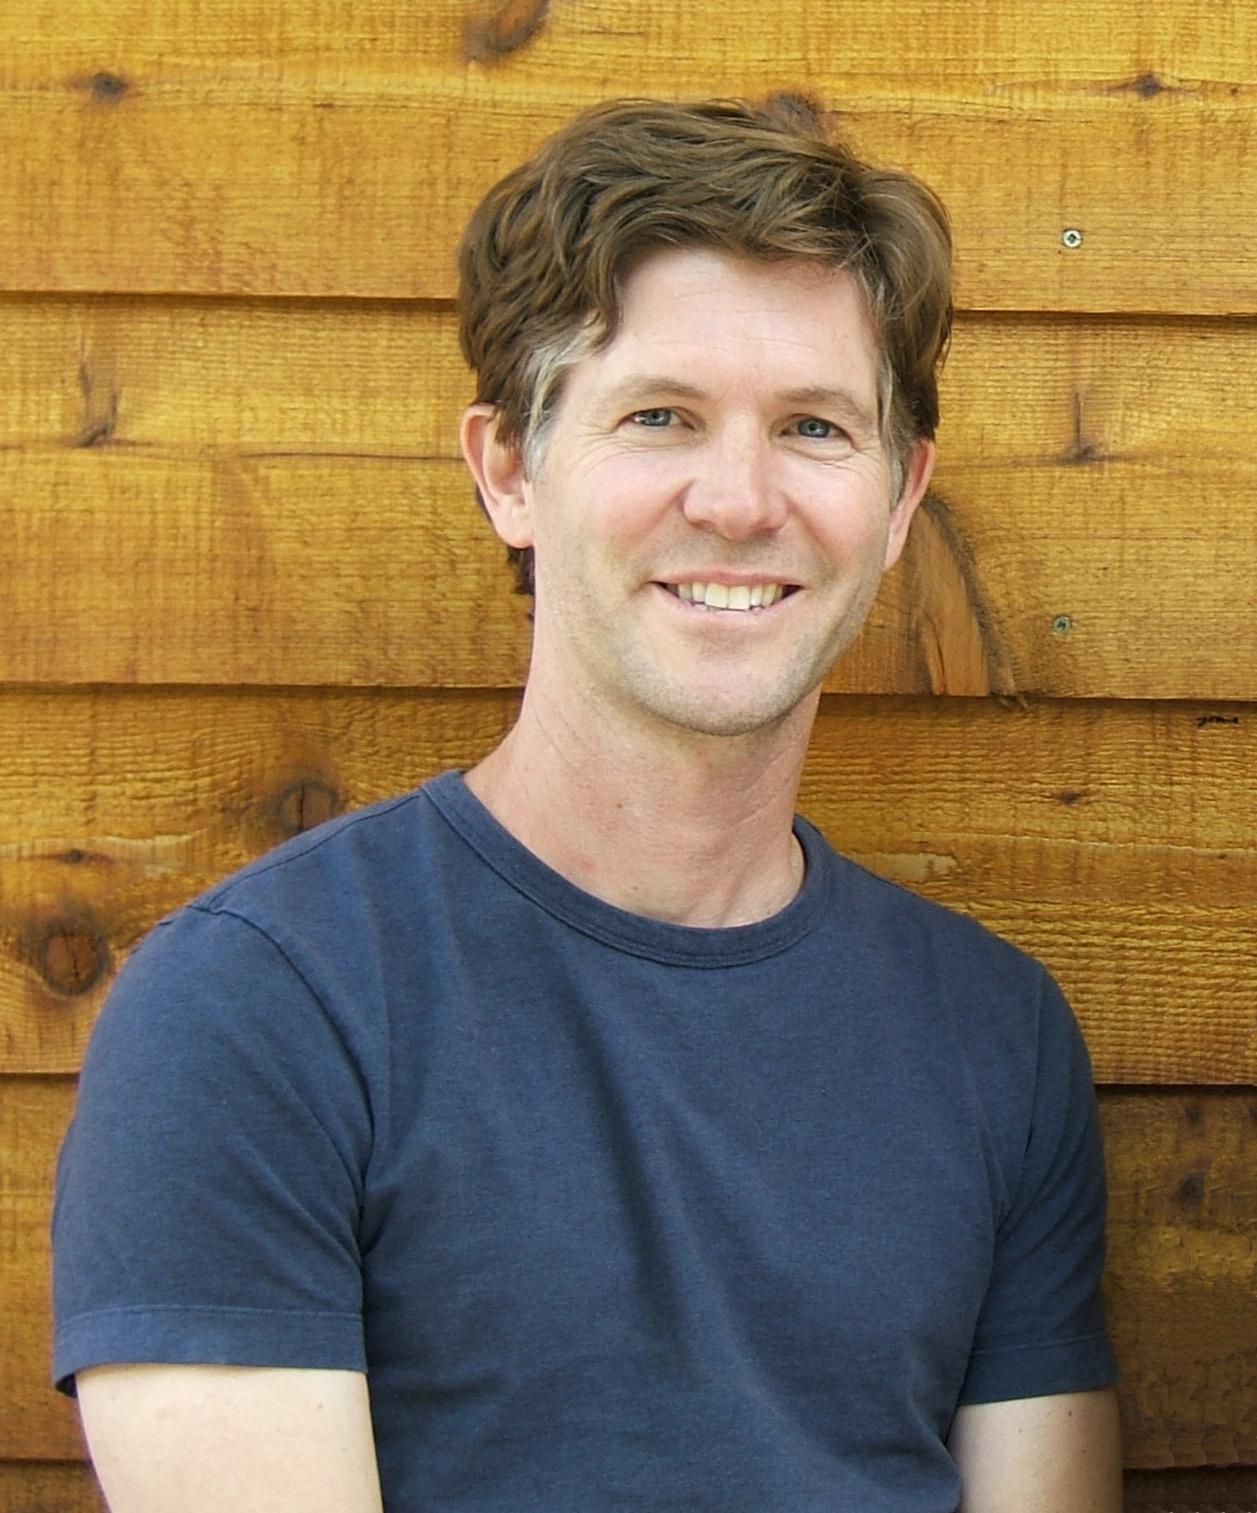 Jay Shafer